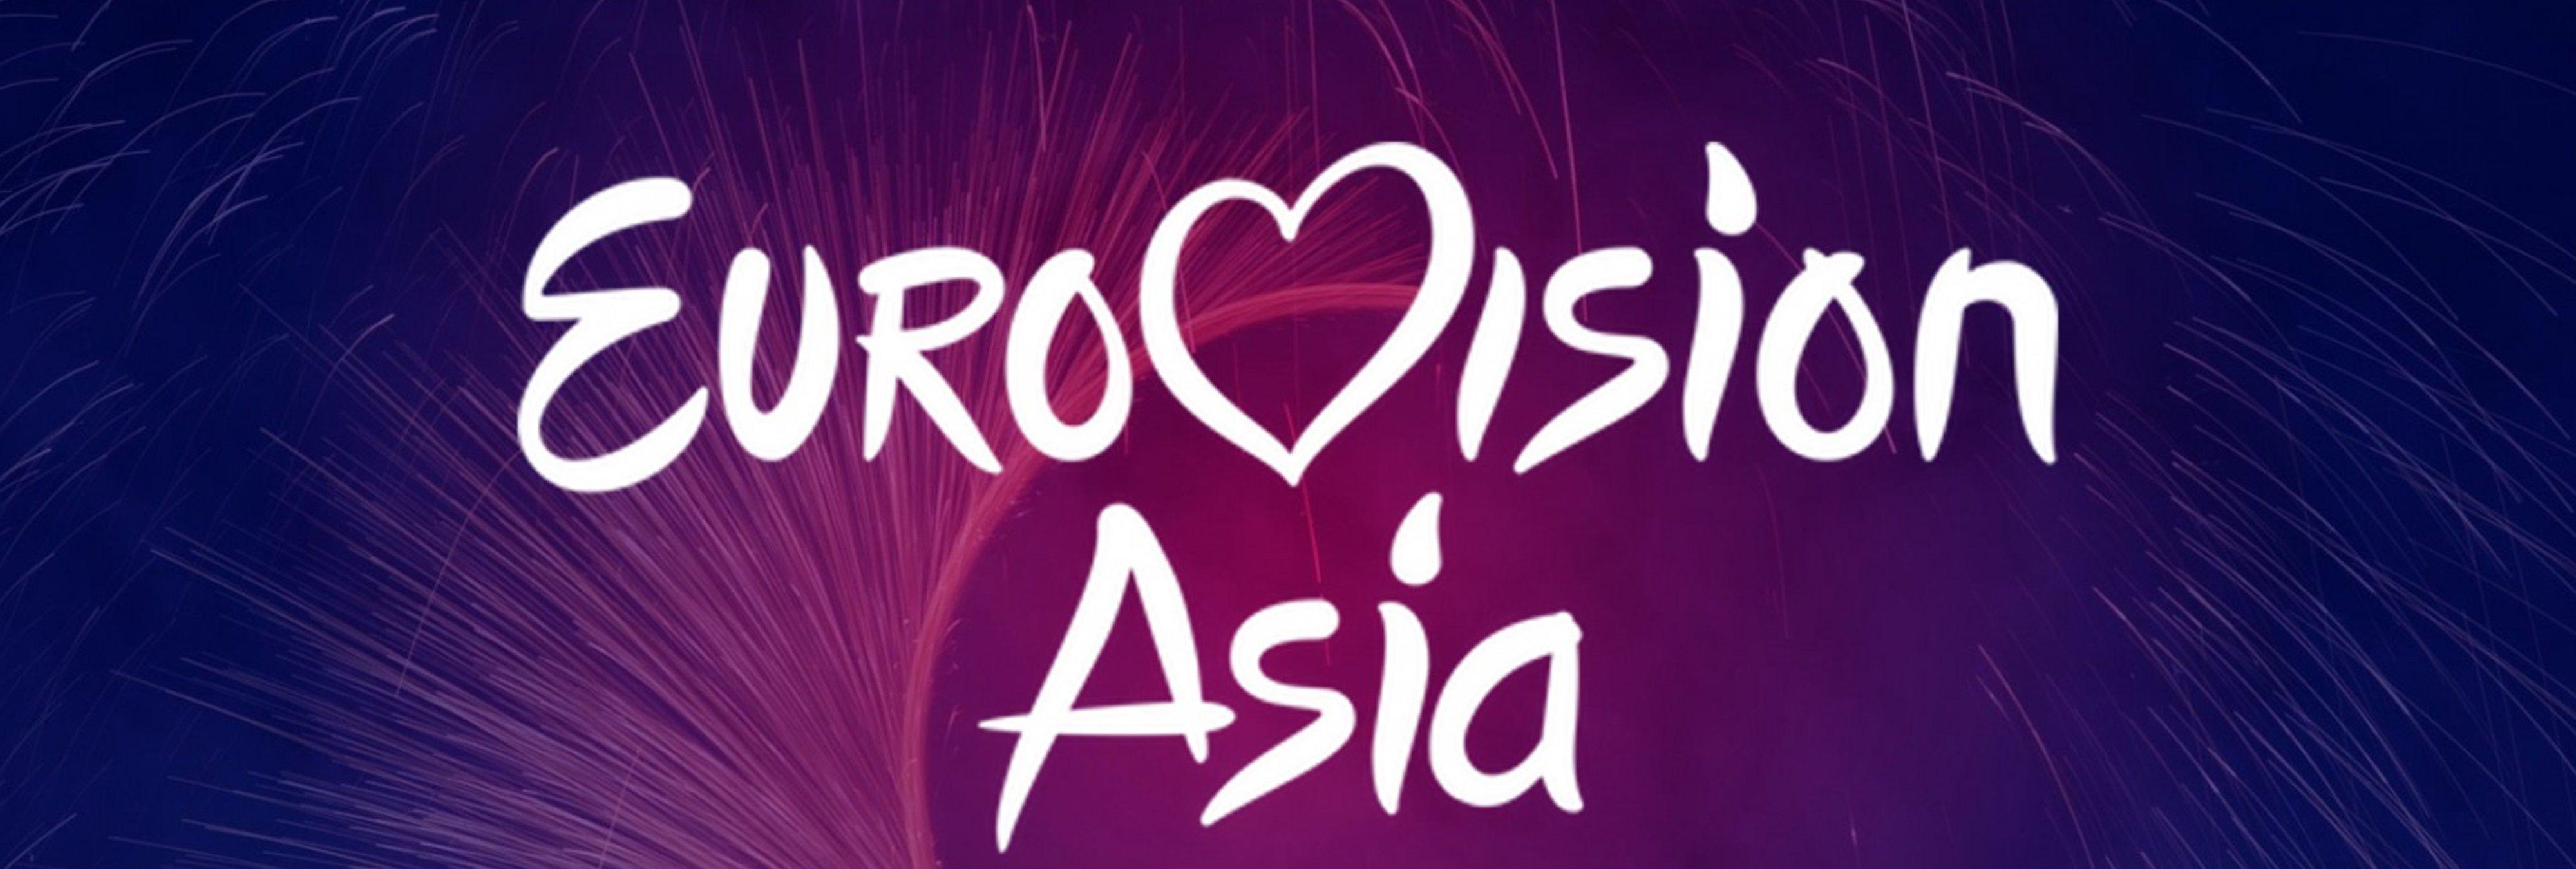 ¿Por qué ha fracasado Eurovisión Asia?